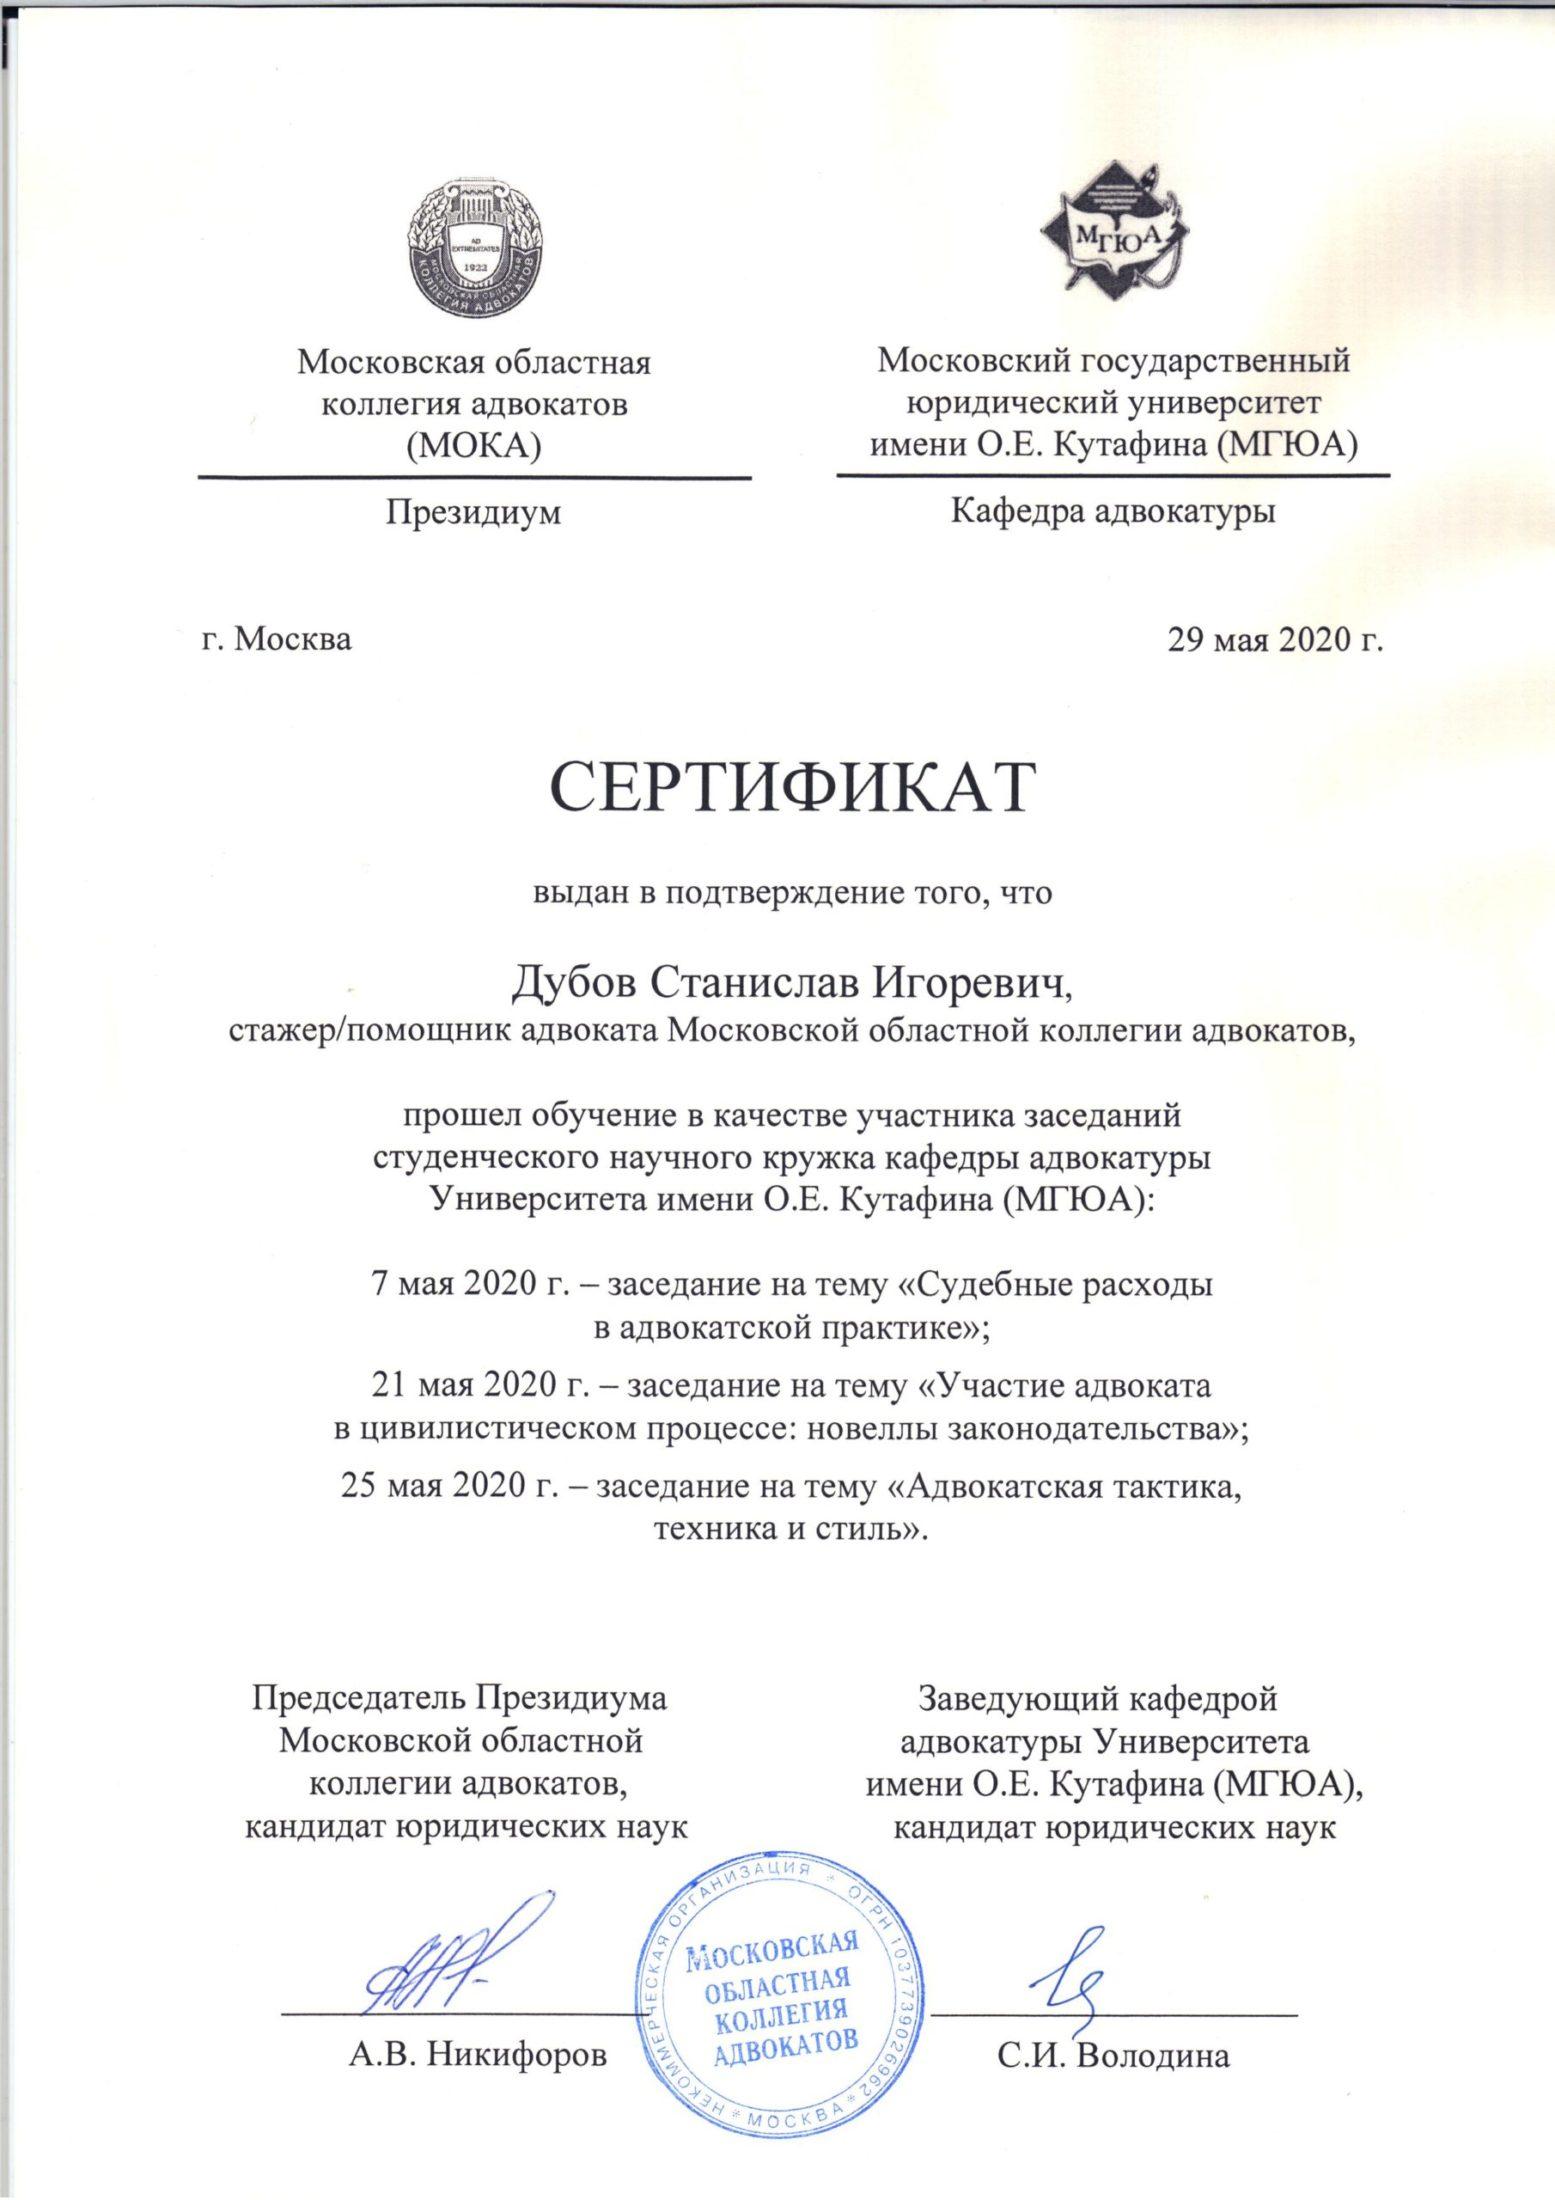 Сертификат. Дубов С.И.